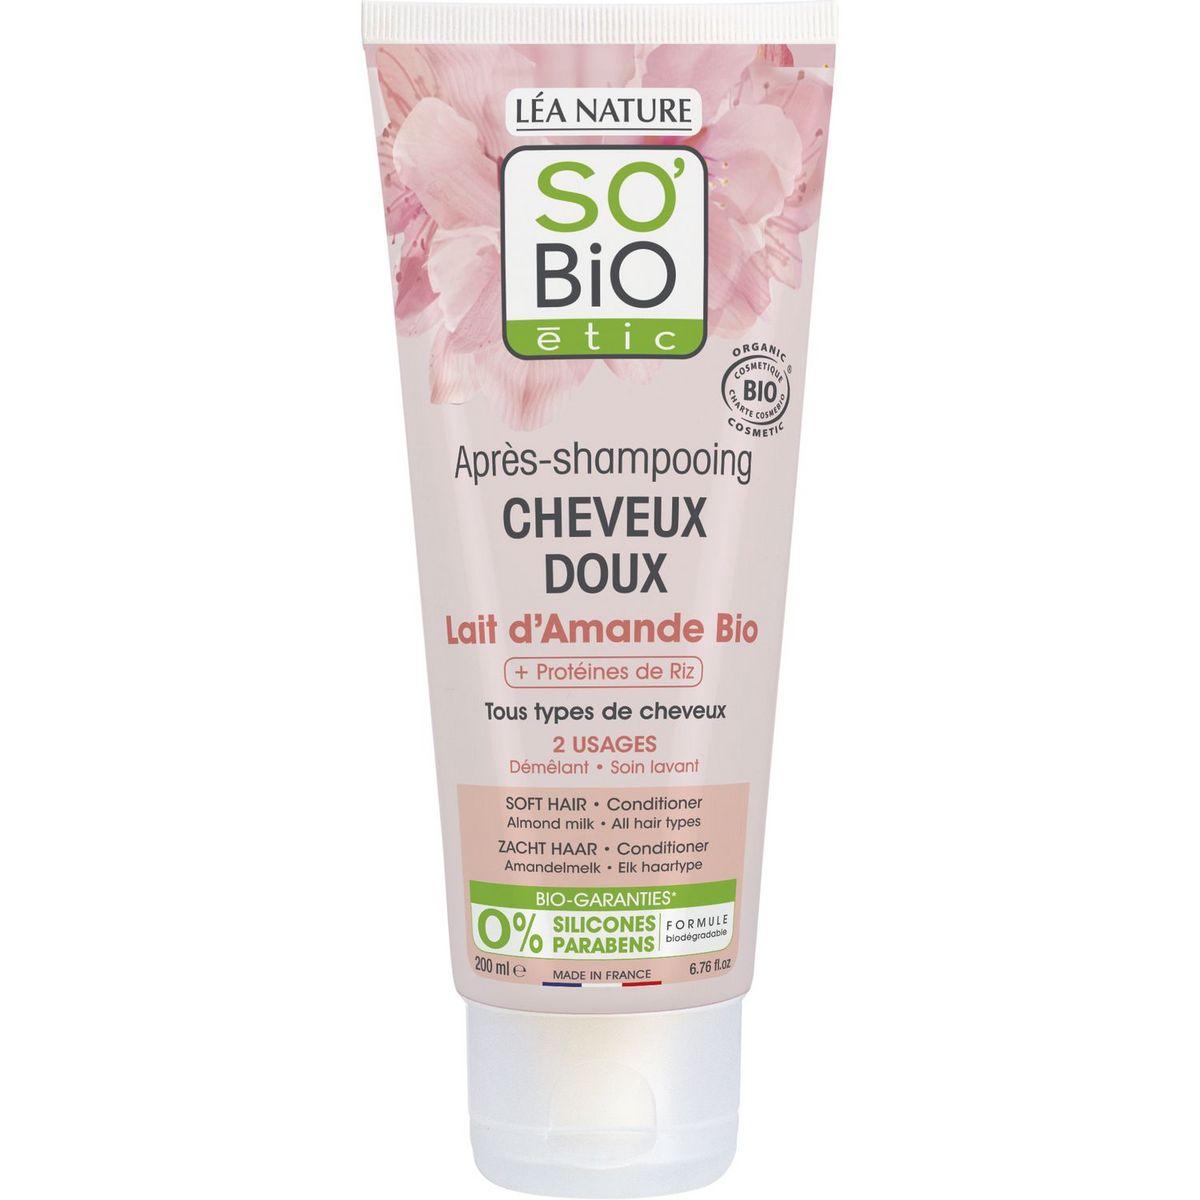 So Bio Etic Après-shampooing bio lait d'amande tous types de cheveux 200ml